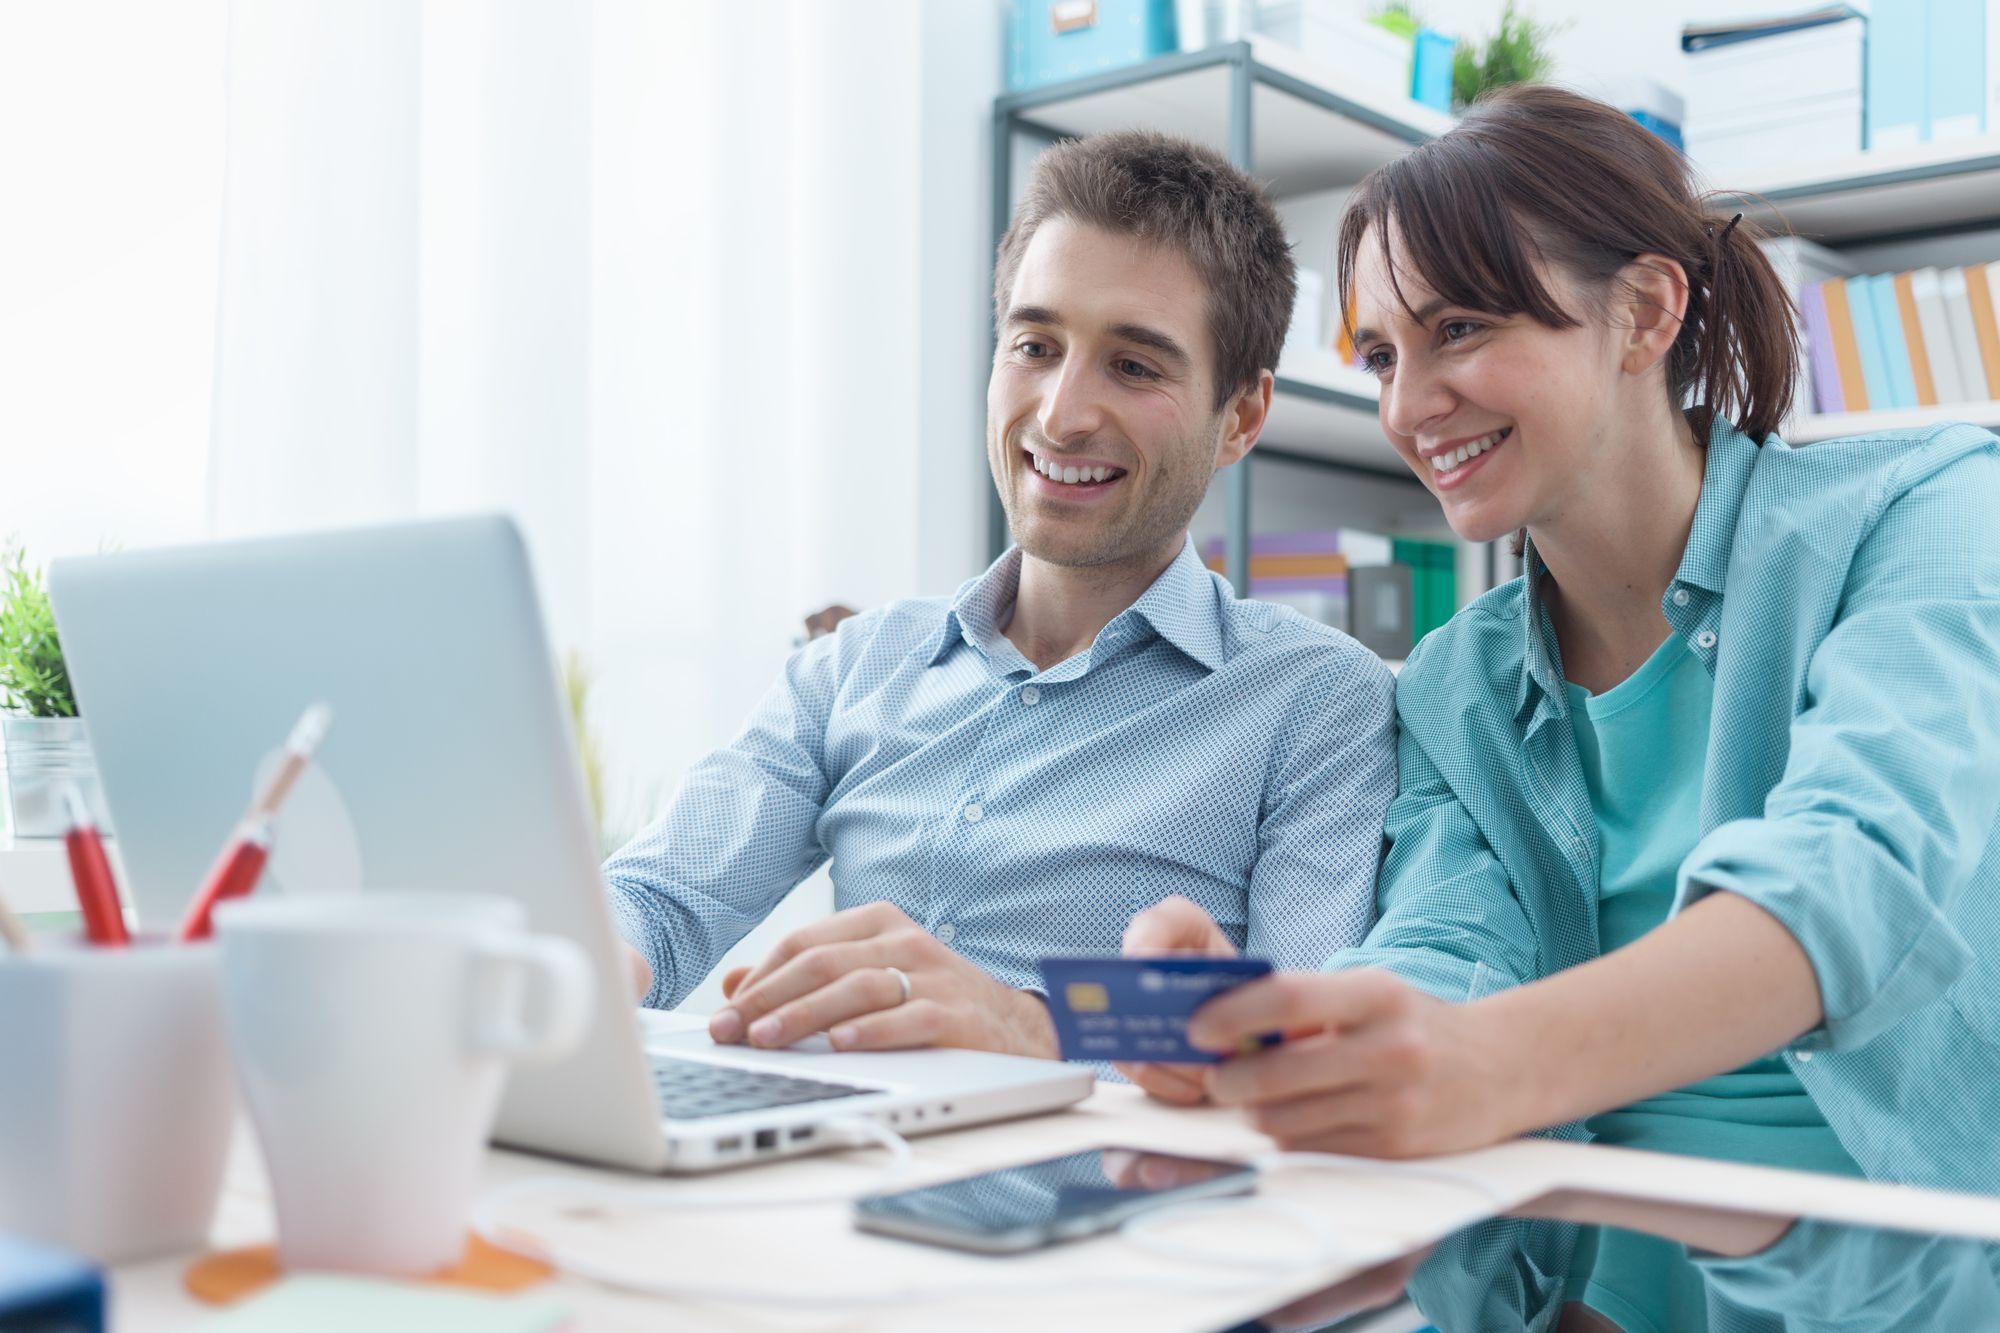 Atacado online: 7 estratégias essenciais para fidelizar clientes